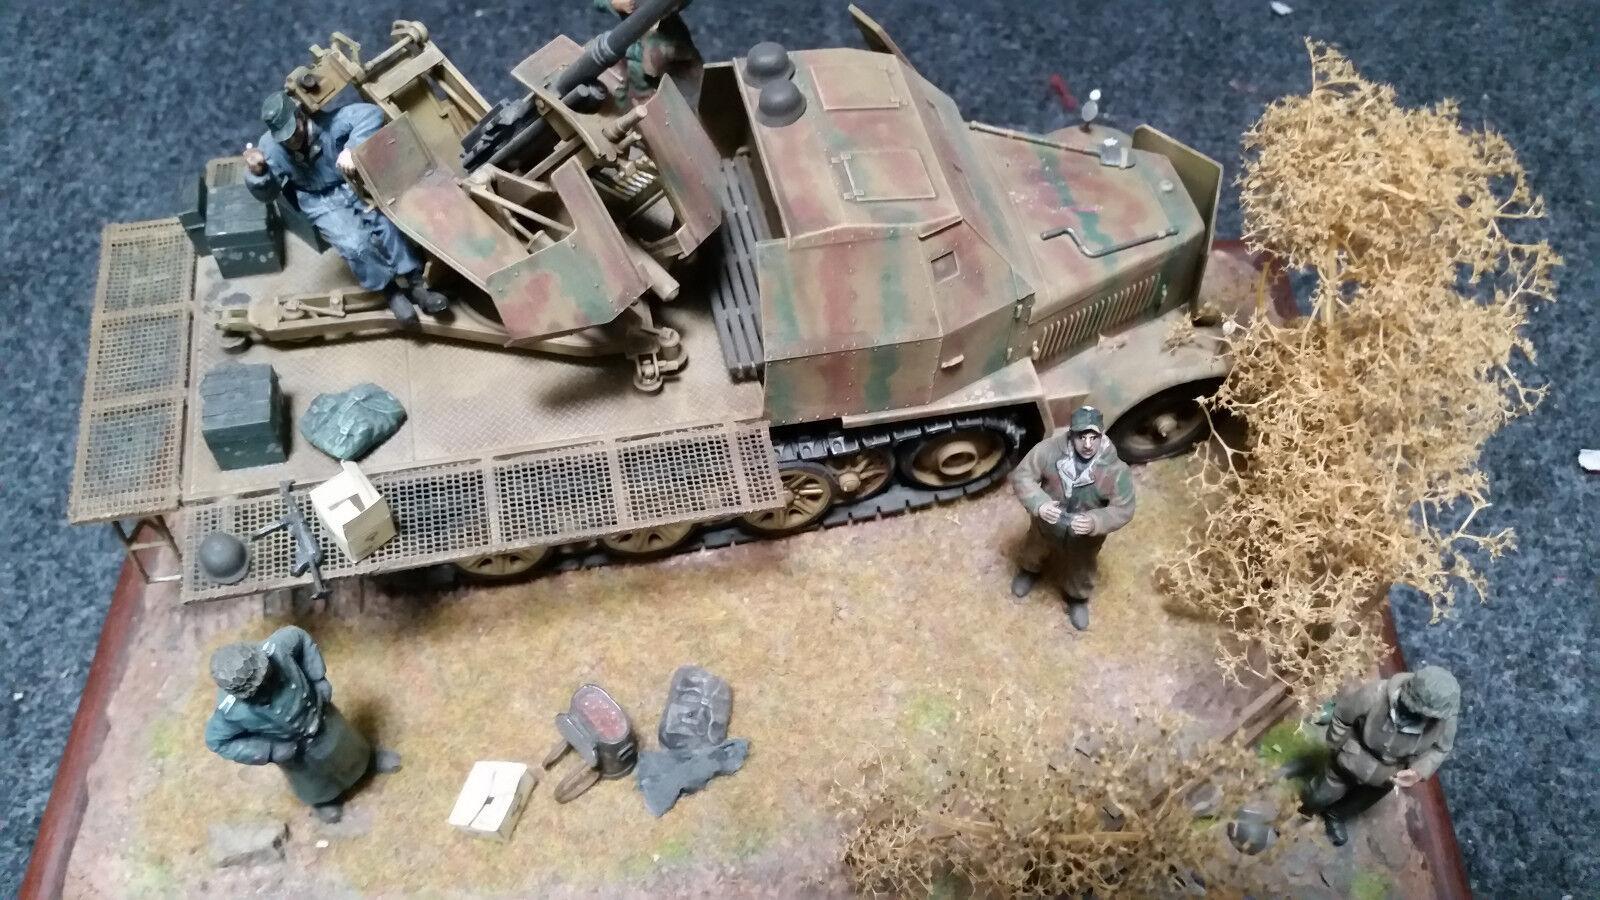 Diorama 1 35  WW2 Sd Kfz 7 2 Halbkettenfahrzeug Halbkettenfahrzeug Halbkettenfahrzeug mit 3,7 Flak gebaut und bemalt  | Haltbarer Service  593b9c